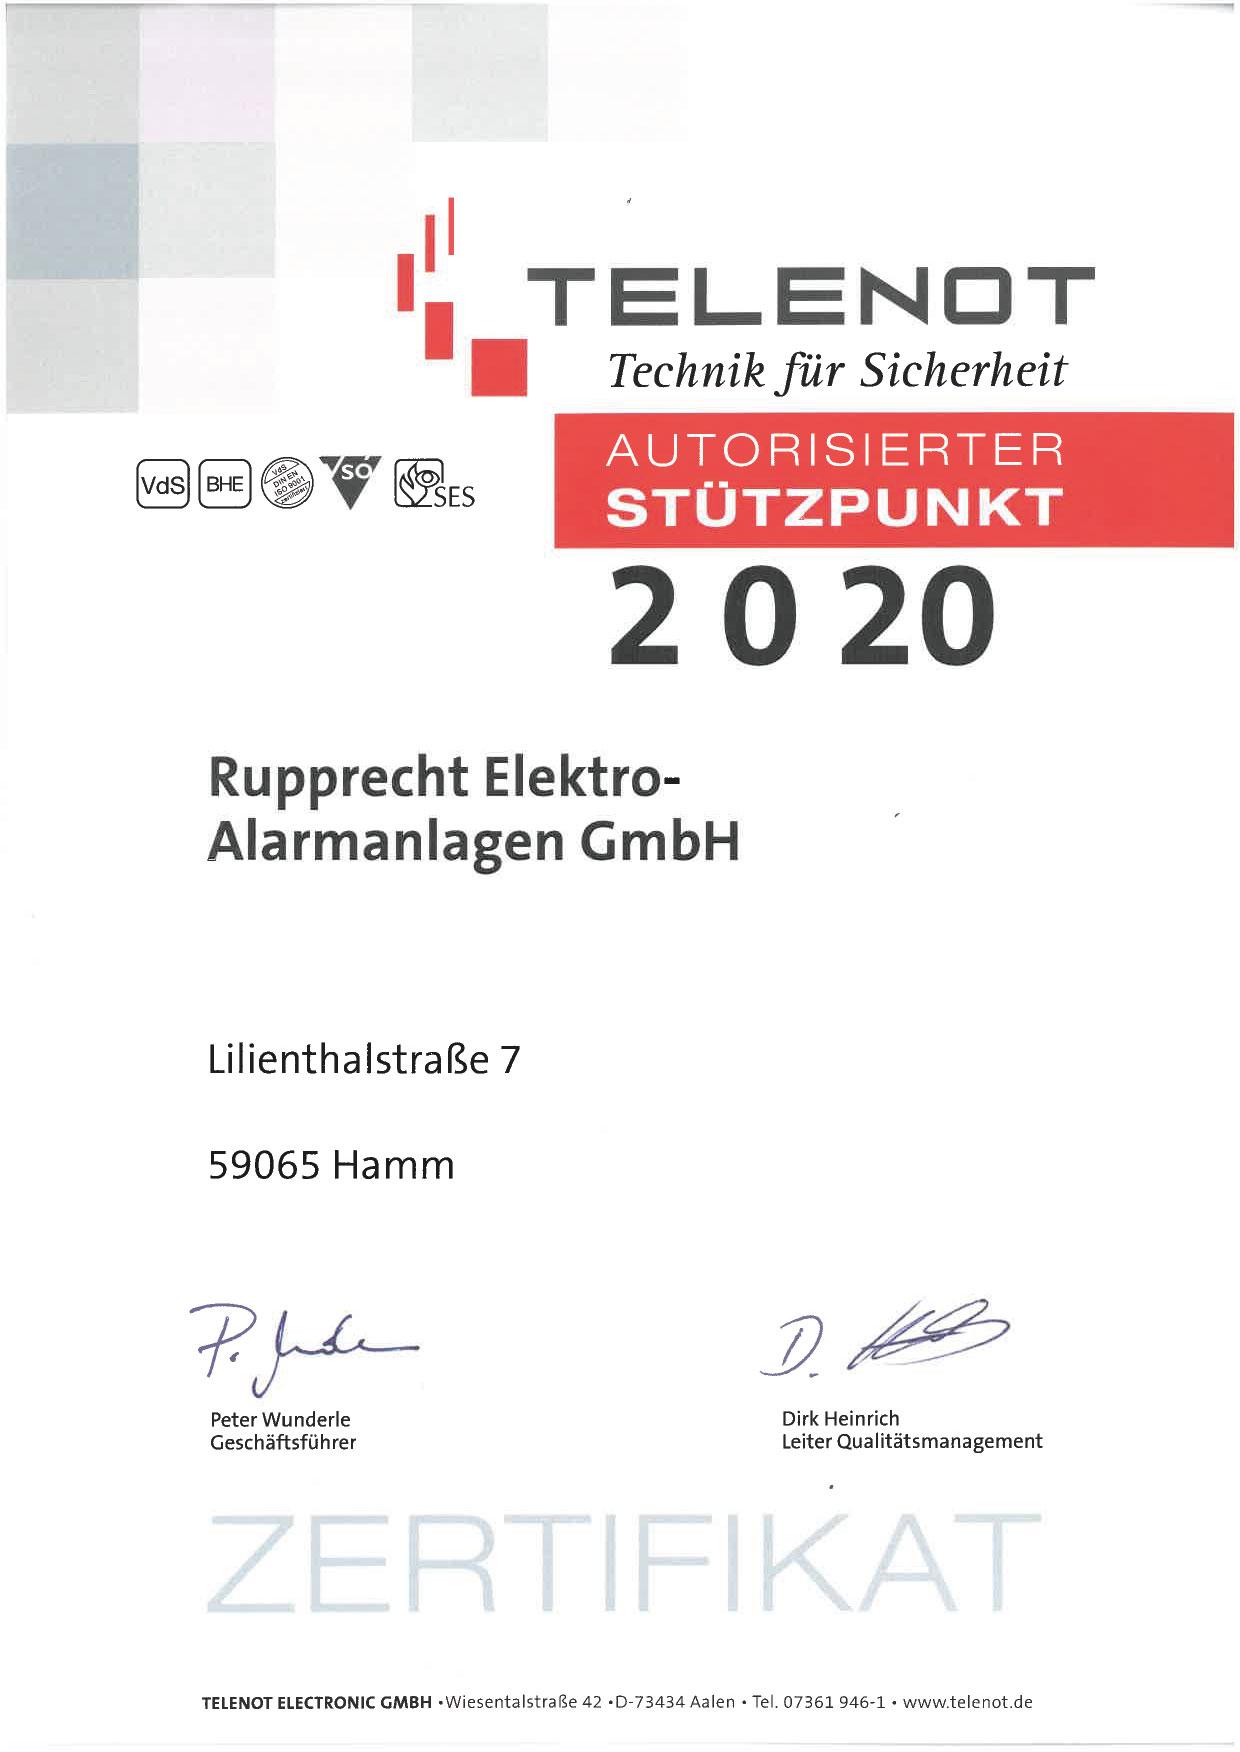 Telenot - Autorisierter Stützpunkt - Rupprecht Alarmanlagen aus Hamm - Seit mehr als 35 Jahren auf elektronische Sicherheitssysteme spezialisiert.